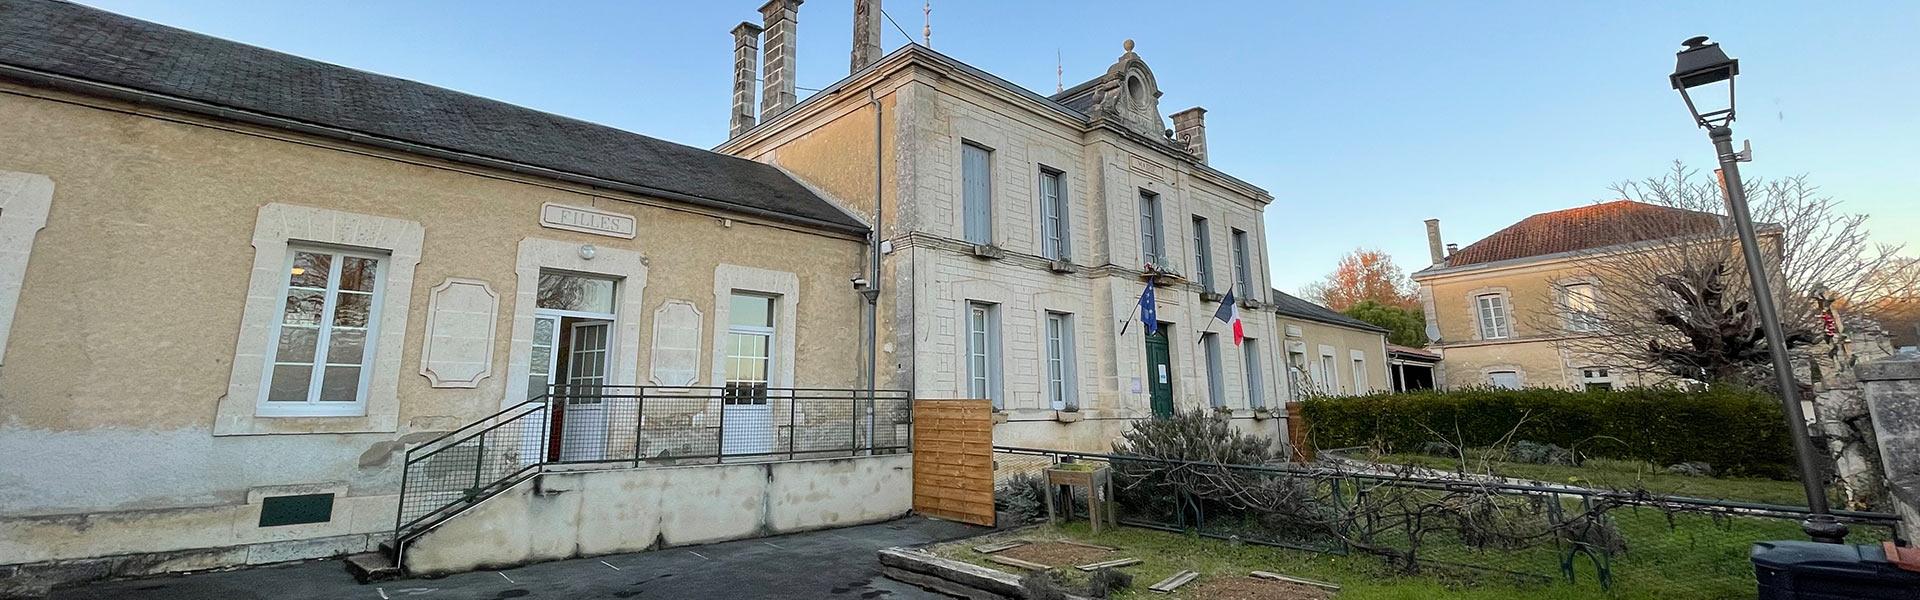 Montignac-Charente-bandeaux-ecole-primaire